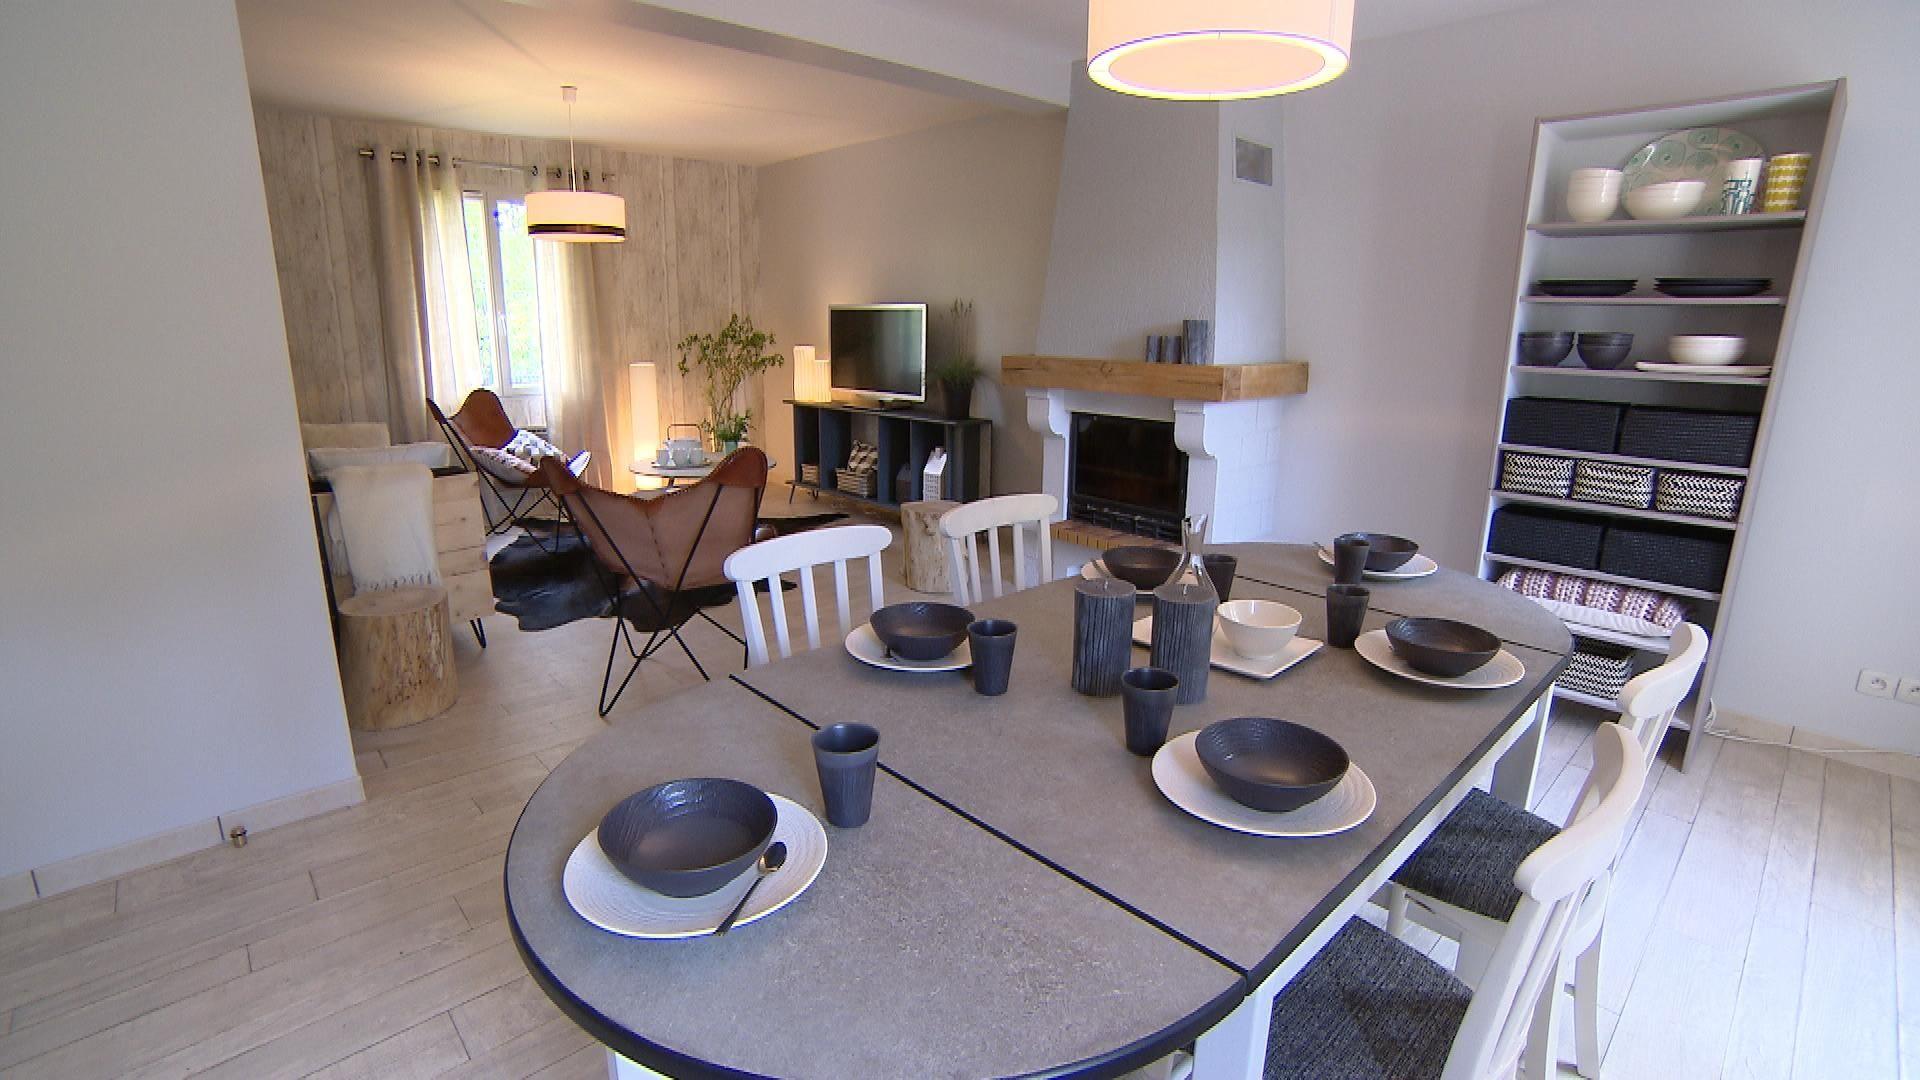 DECO Un salon / salle à manger dans une ambiance nordique avec L ...